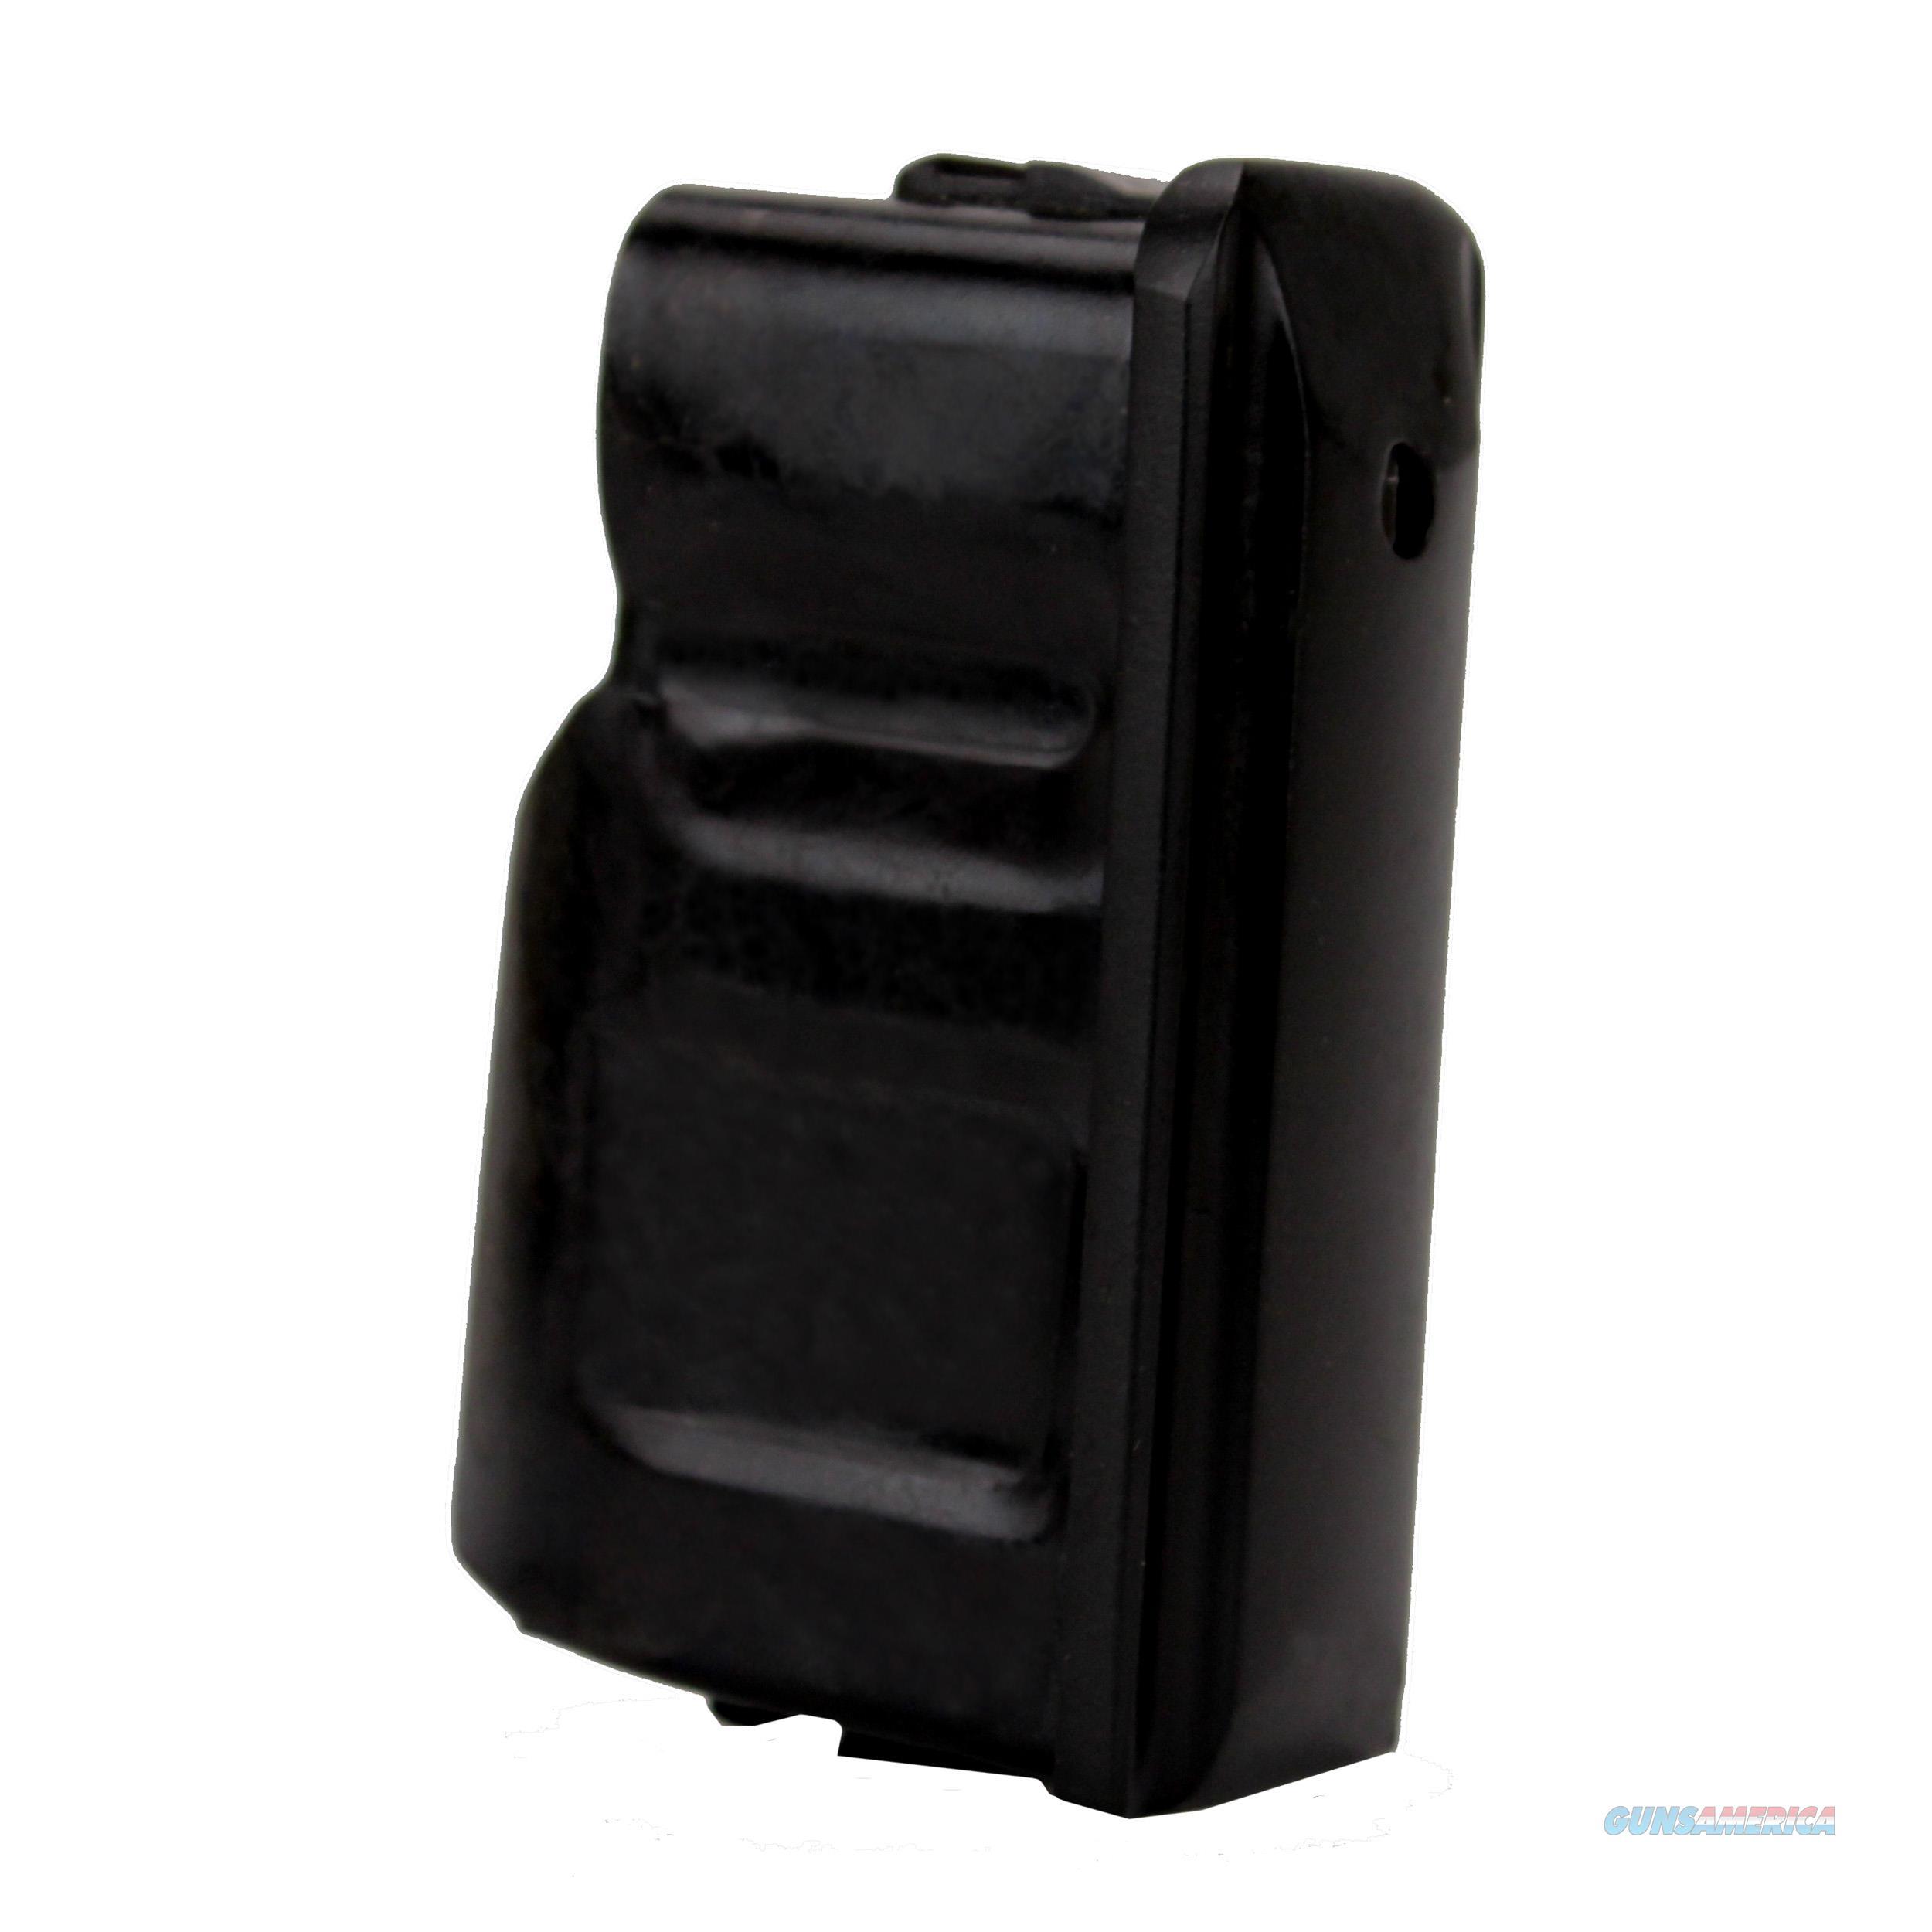 Czusa Cz 550 Magzine 14002  Non-Guns > Magazines & Clips > Rifle Magazines > Other